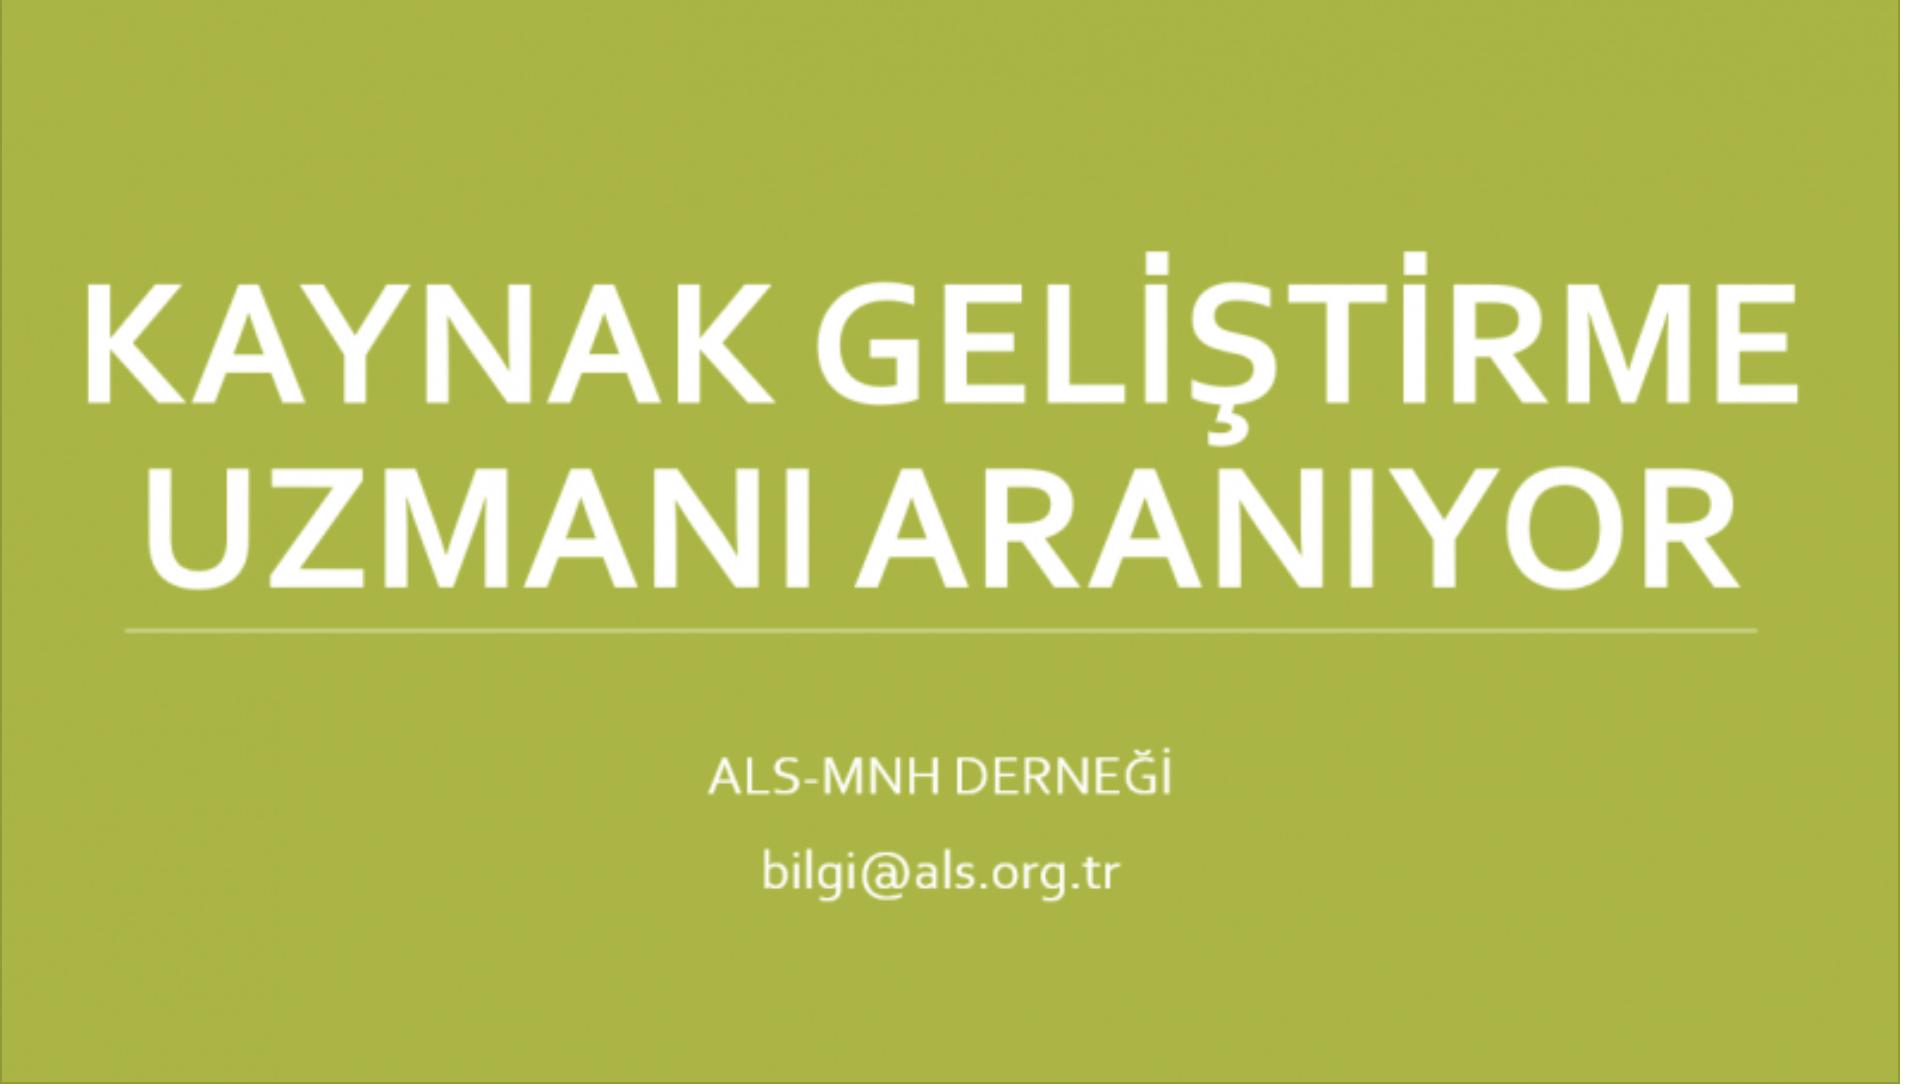 ALS-MNH Derneği Kaynak Geliştirme Uzmanı Arıyor!